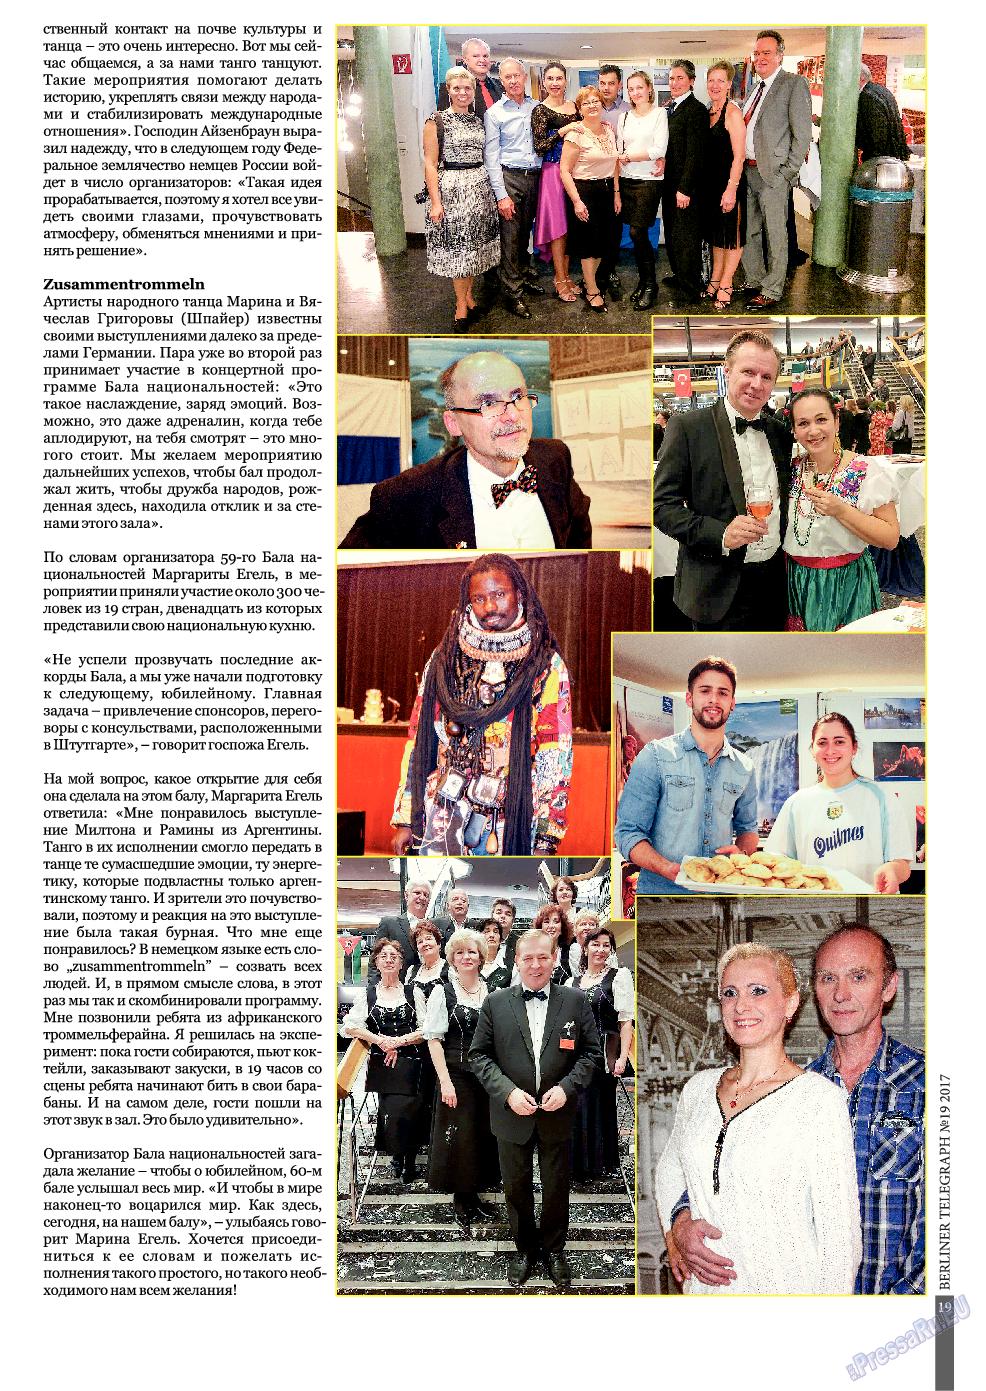 Берлинский телеграф (журнал). 2017 год, номер 19, стр. 19